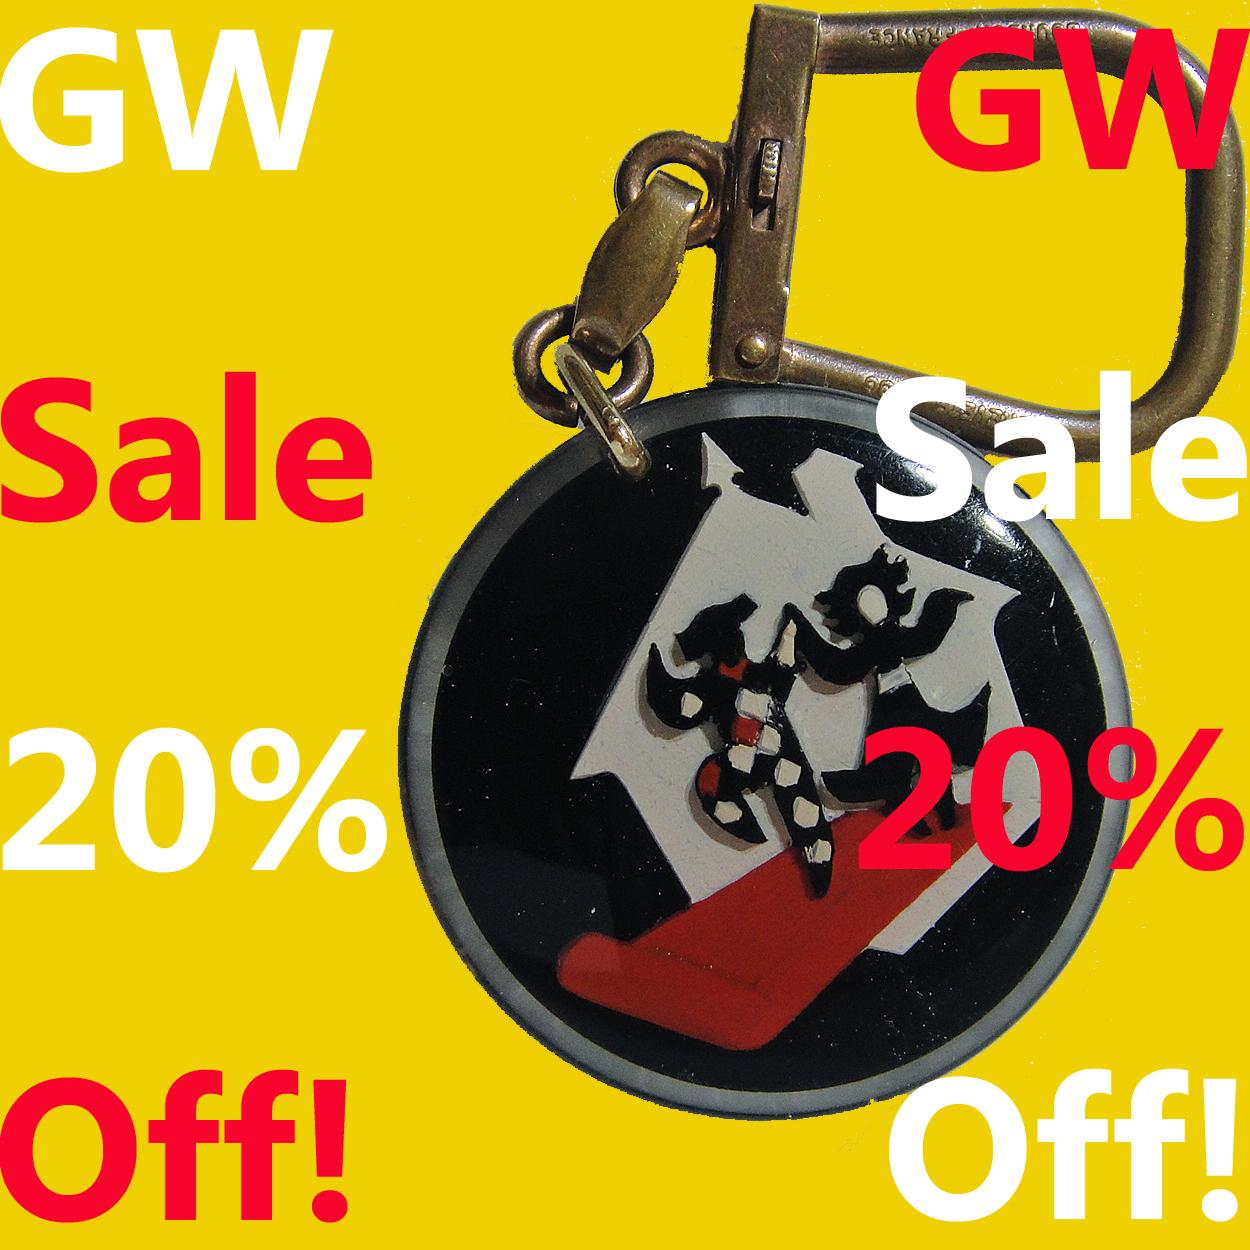 GW Sale 20% Off!5月6日まで開催中です。送料無料です。どうぞよろしくお願い致します。